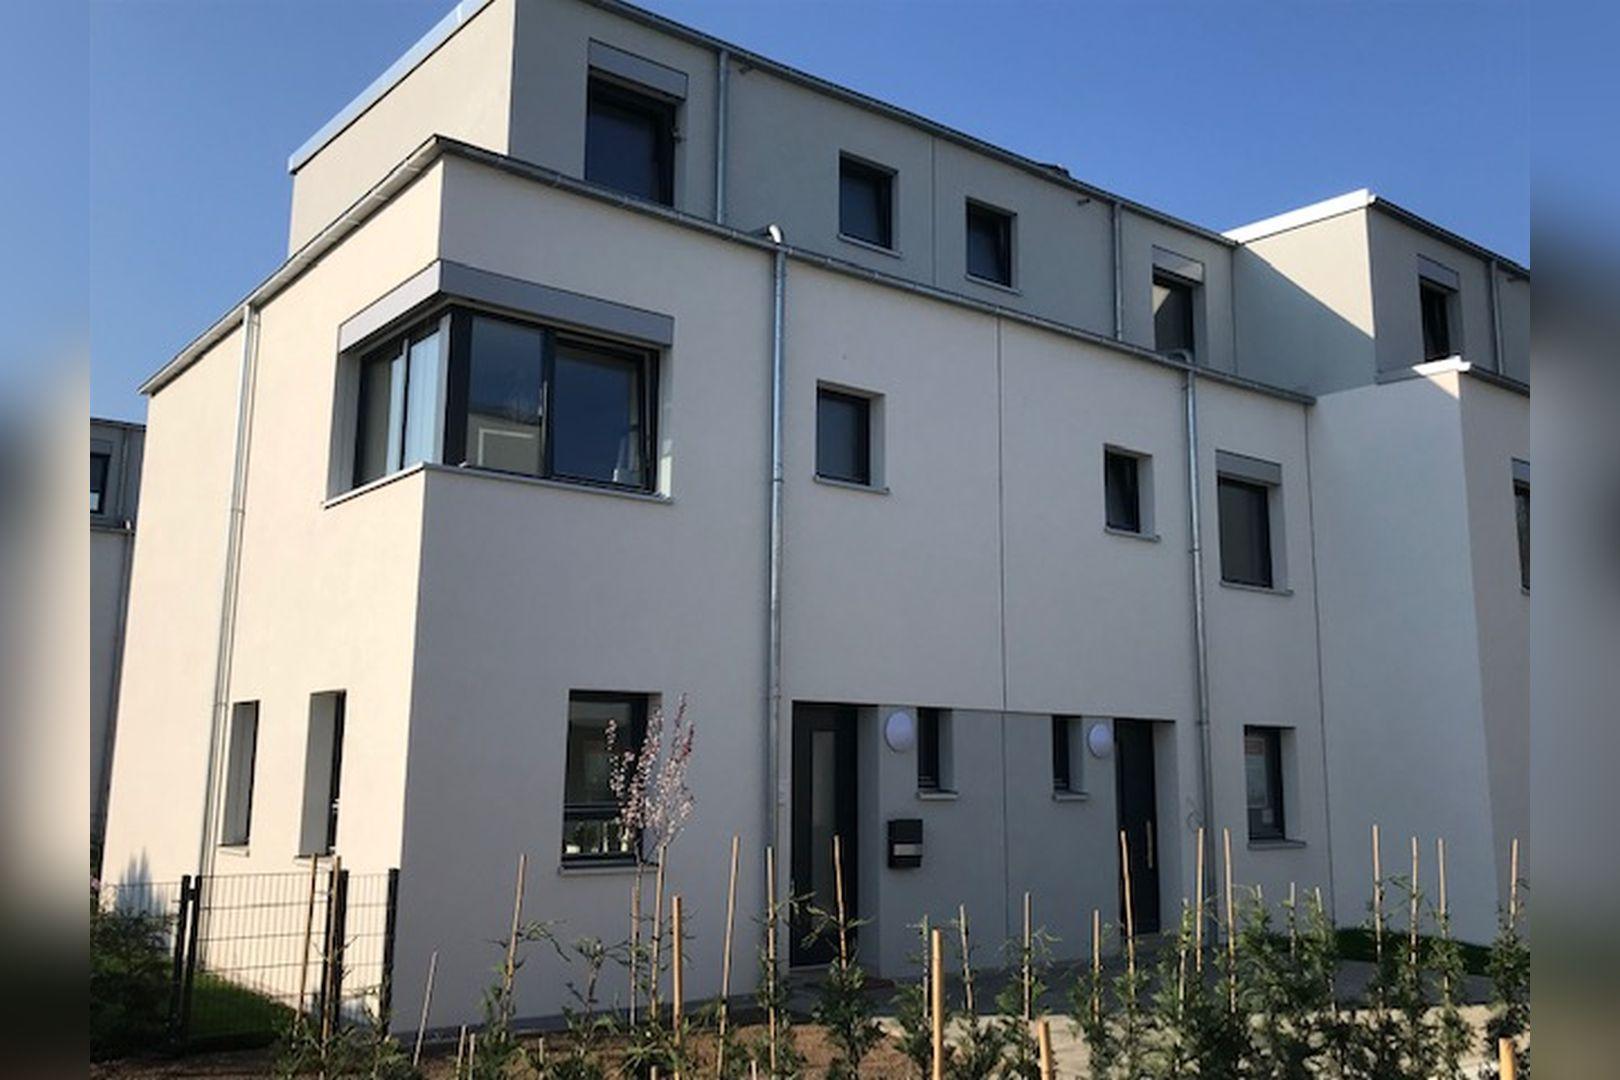 Immobilie Nr.BÖ-07 - BÖ-07; Reihenend-Mittelhaus mit Garten, Dachterrasse u. Garagenzugang  - Bild 2.jpg